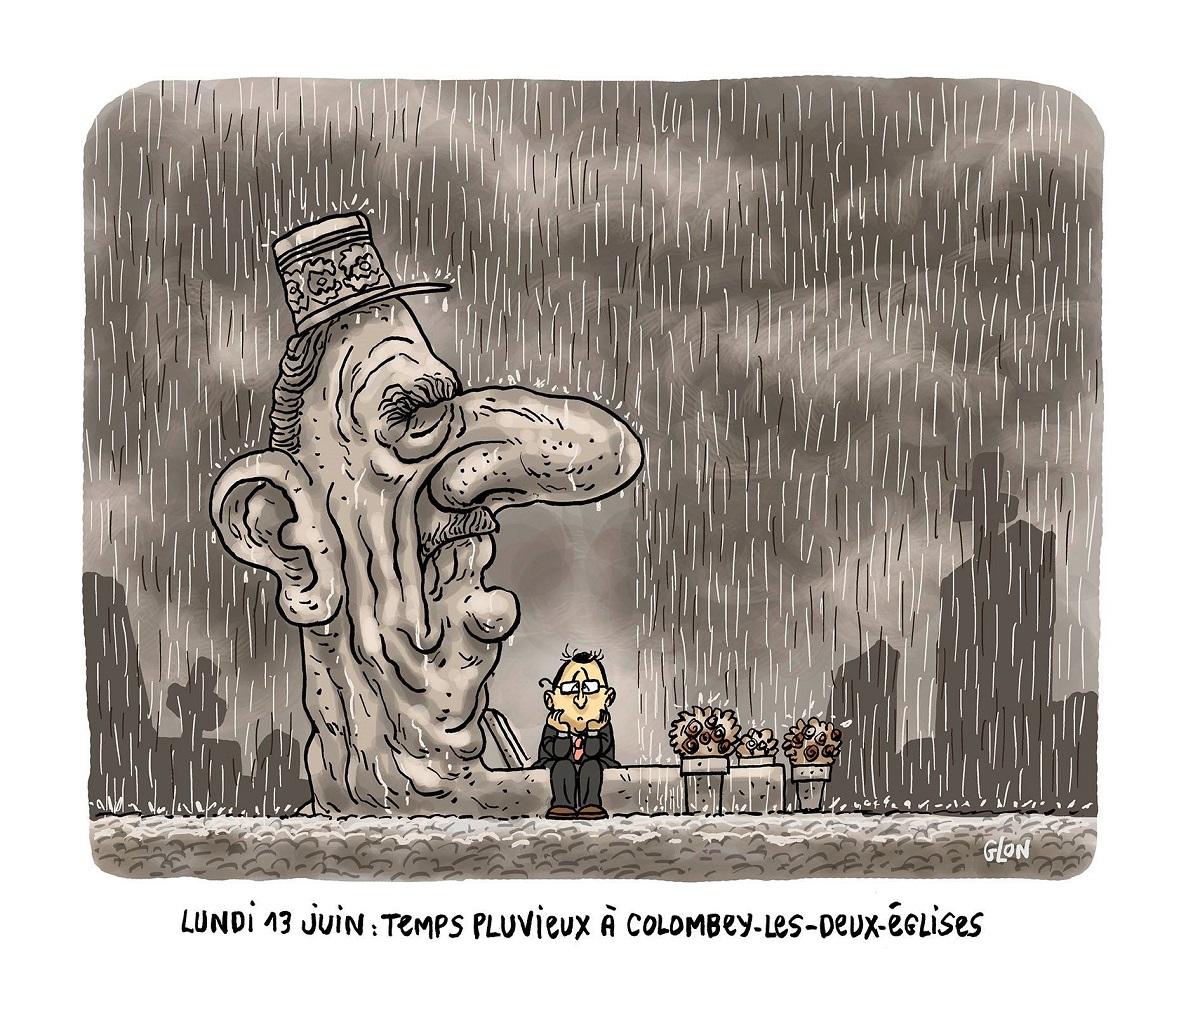 dessin d'actualité humoristique montrant François Hollande s'abritant de la pluie sous le buste de Charles de Gaulle